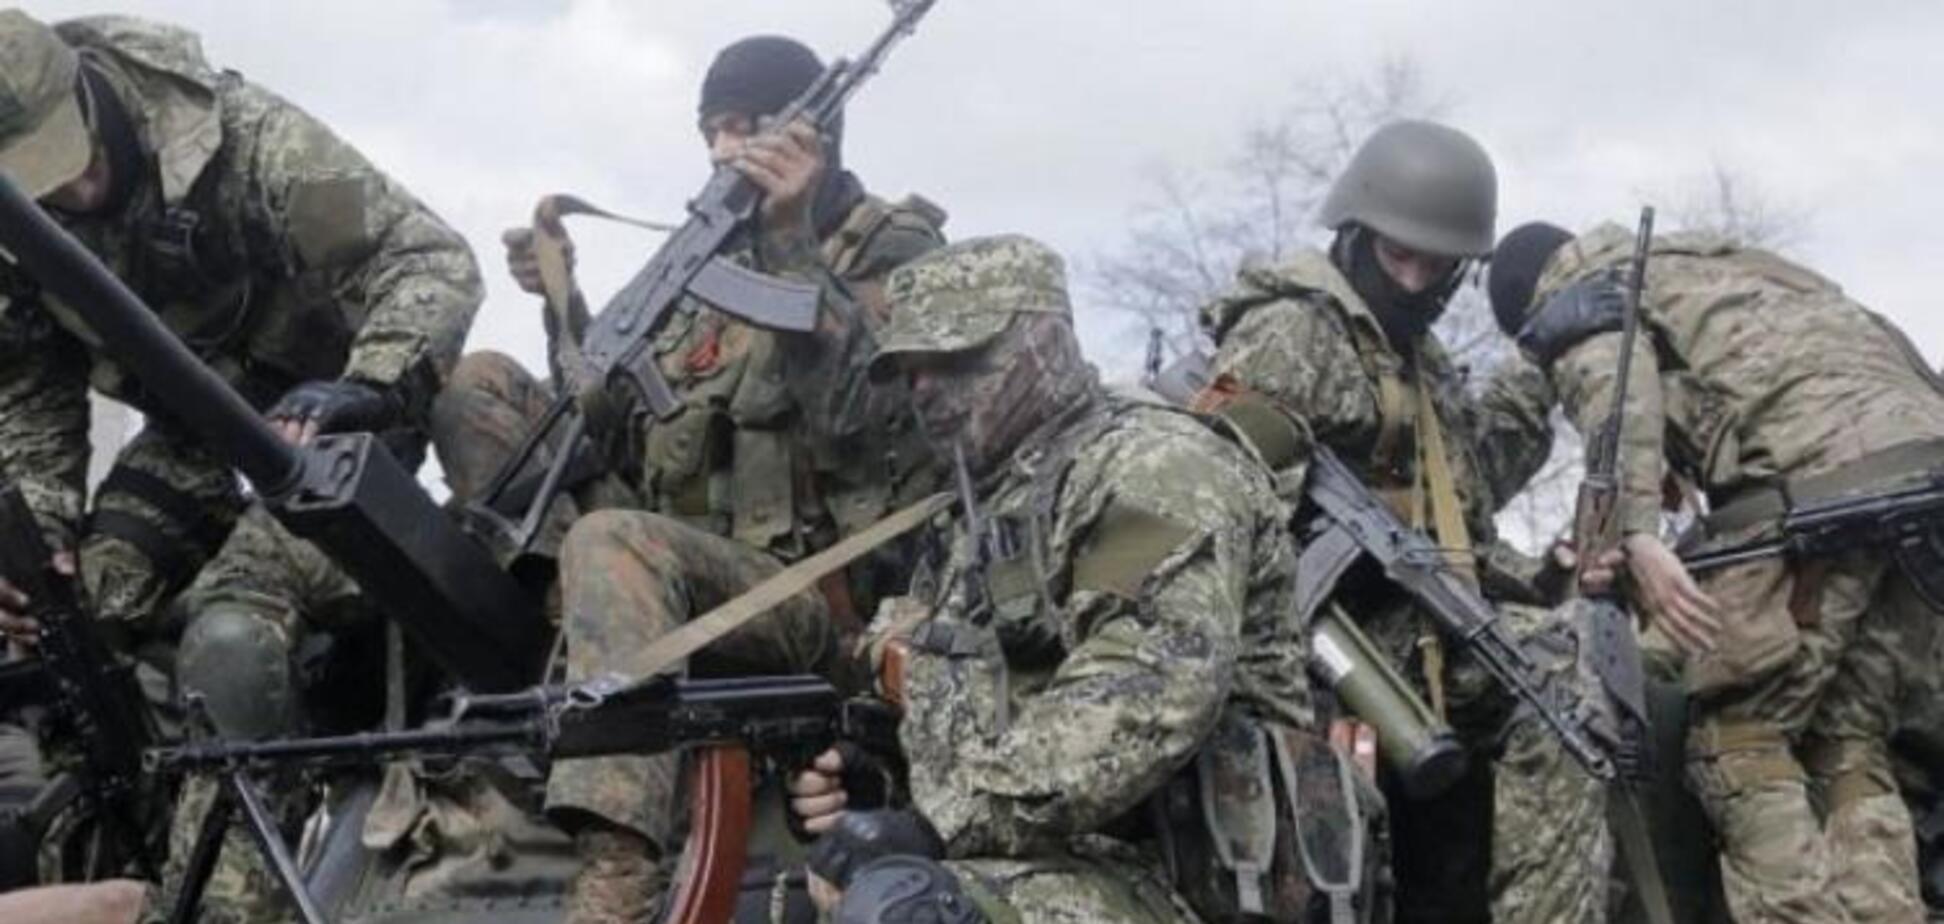 Терористи завдали підлий удар: з'явилися трагічні новини з Донбасу